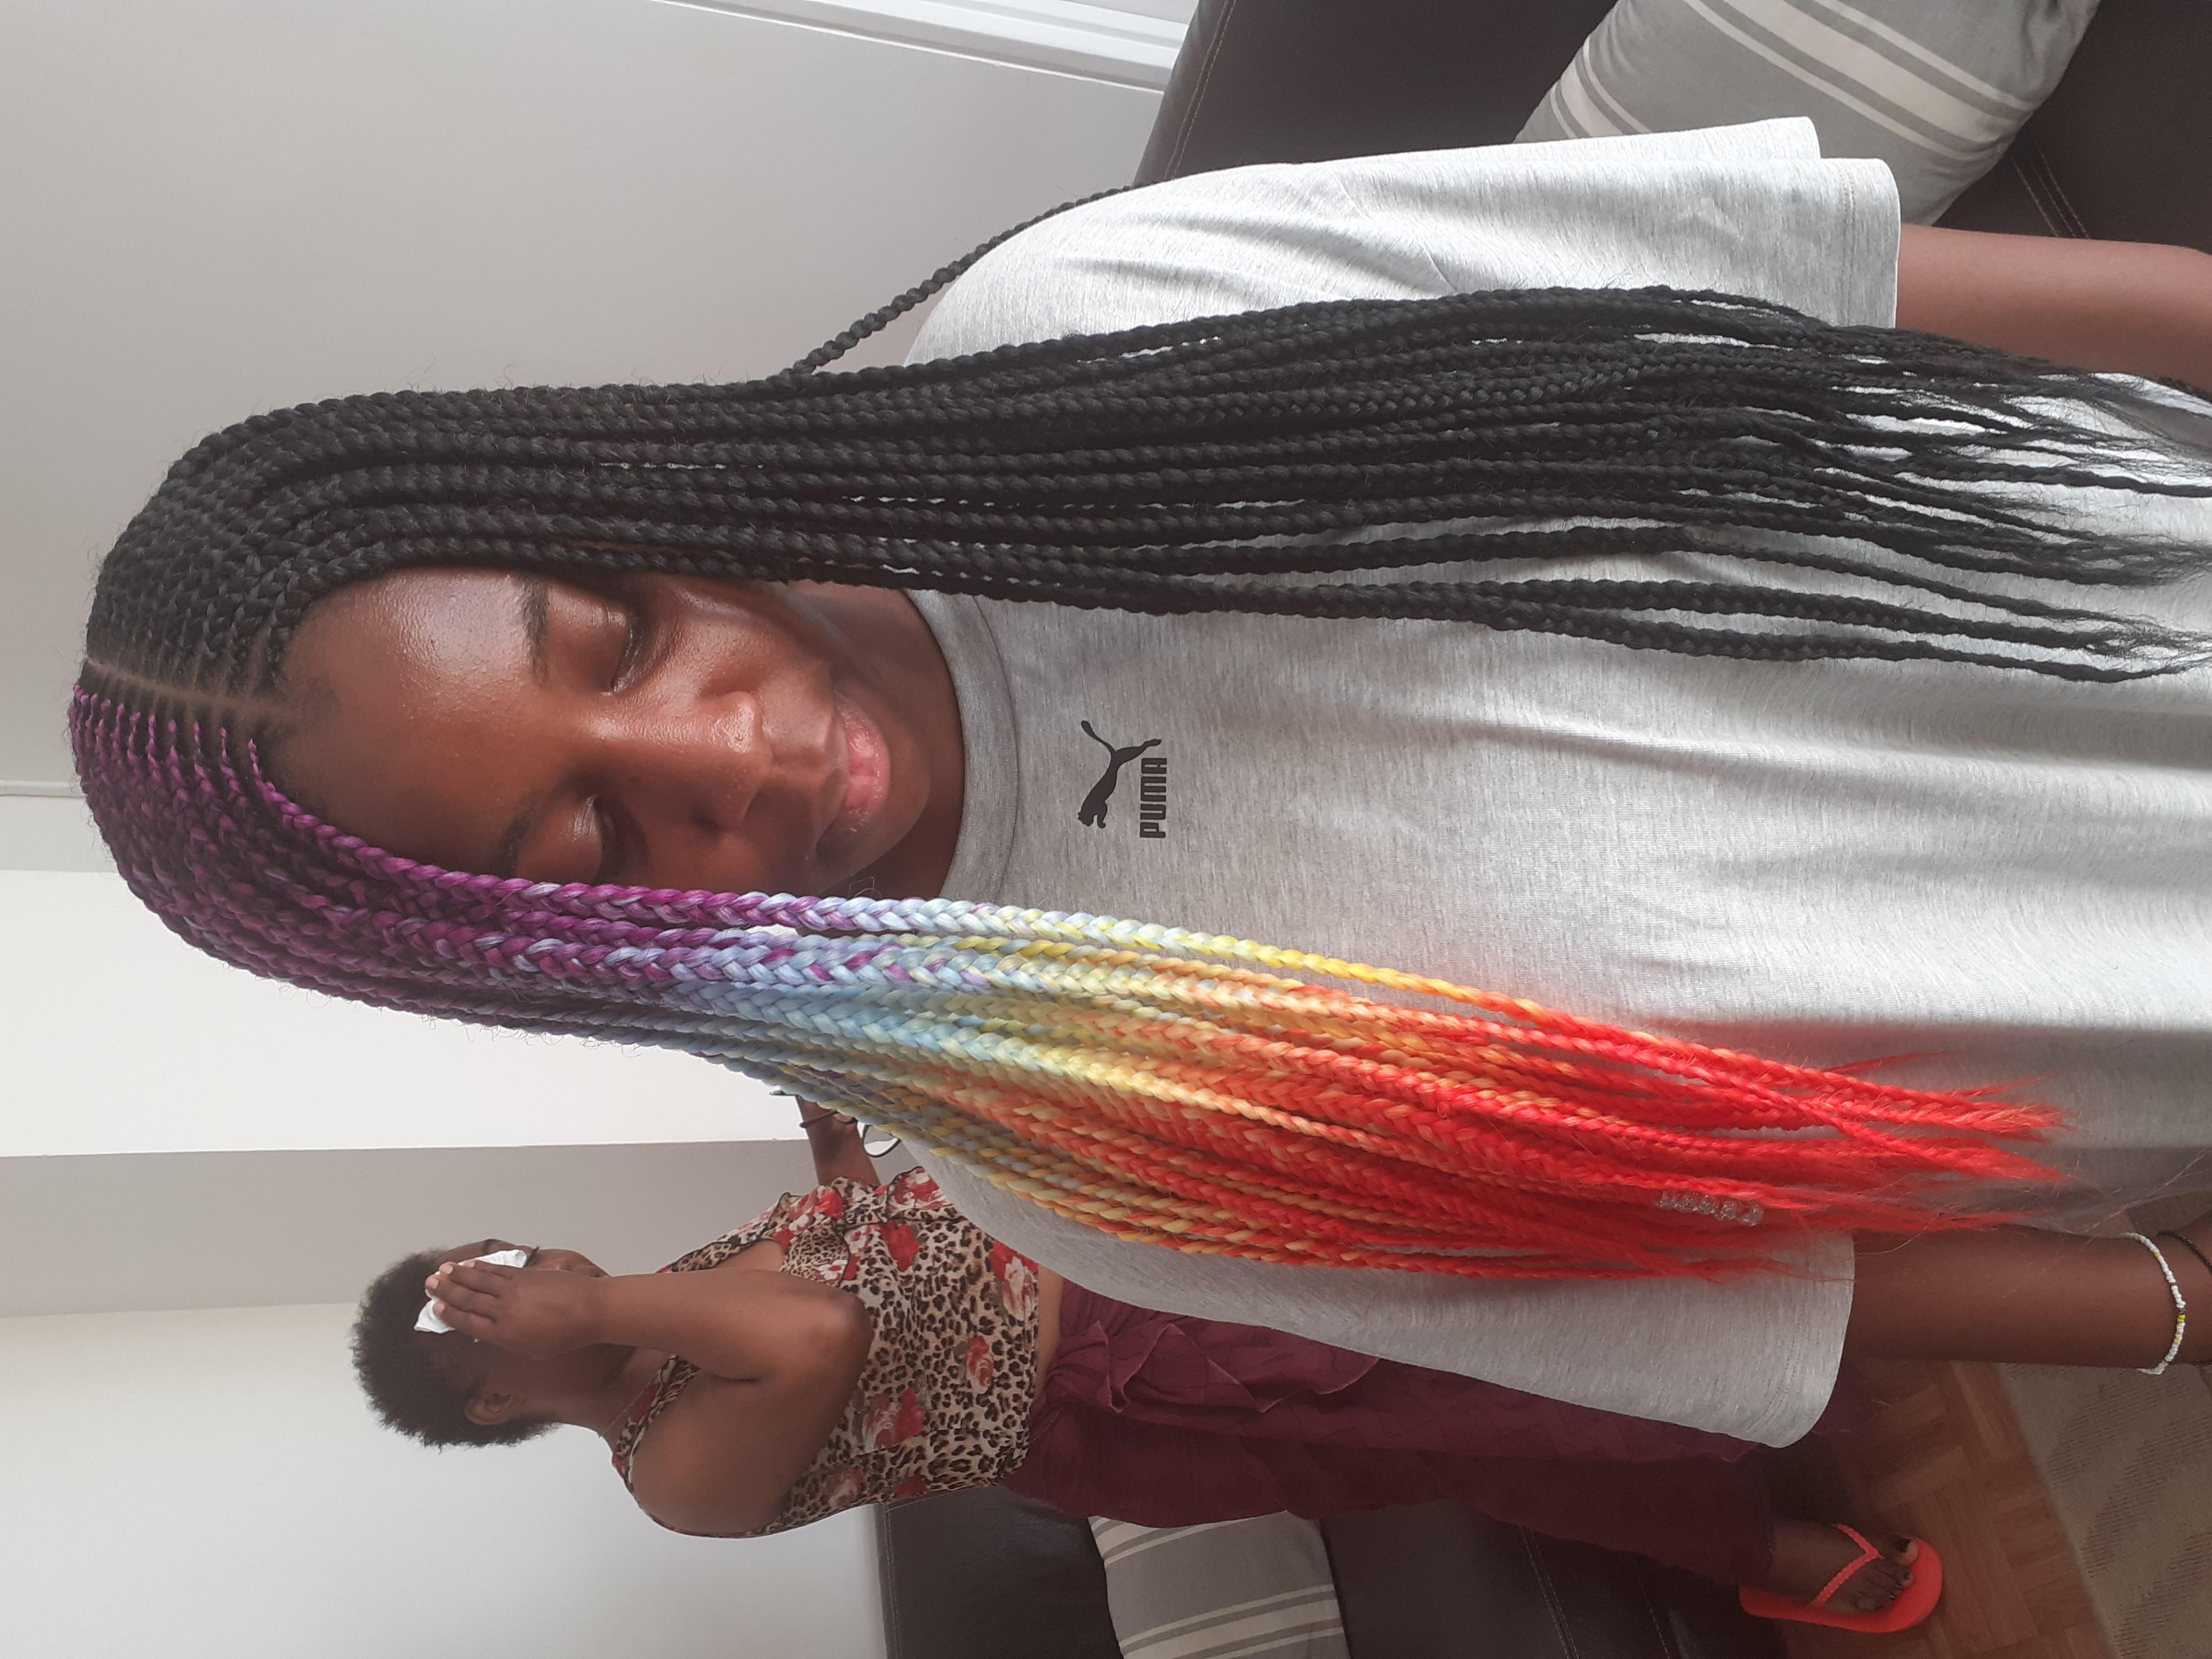 salon de coiffure afro tresse tresses box braids crochet braids vanilles tissages paris 75 77 78 91 92 93 94 95 OPNLFMAV